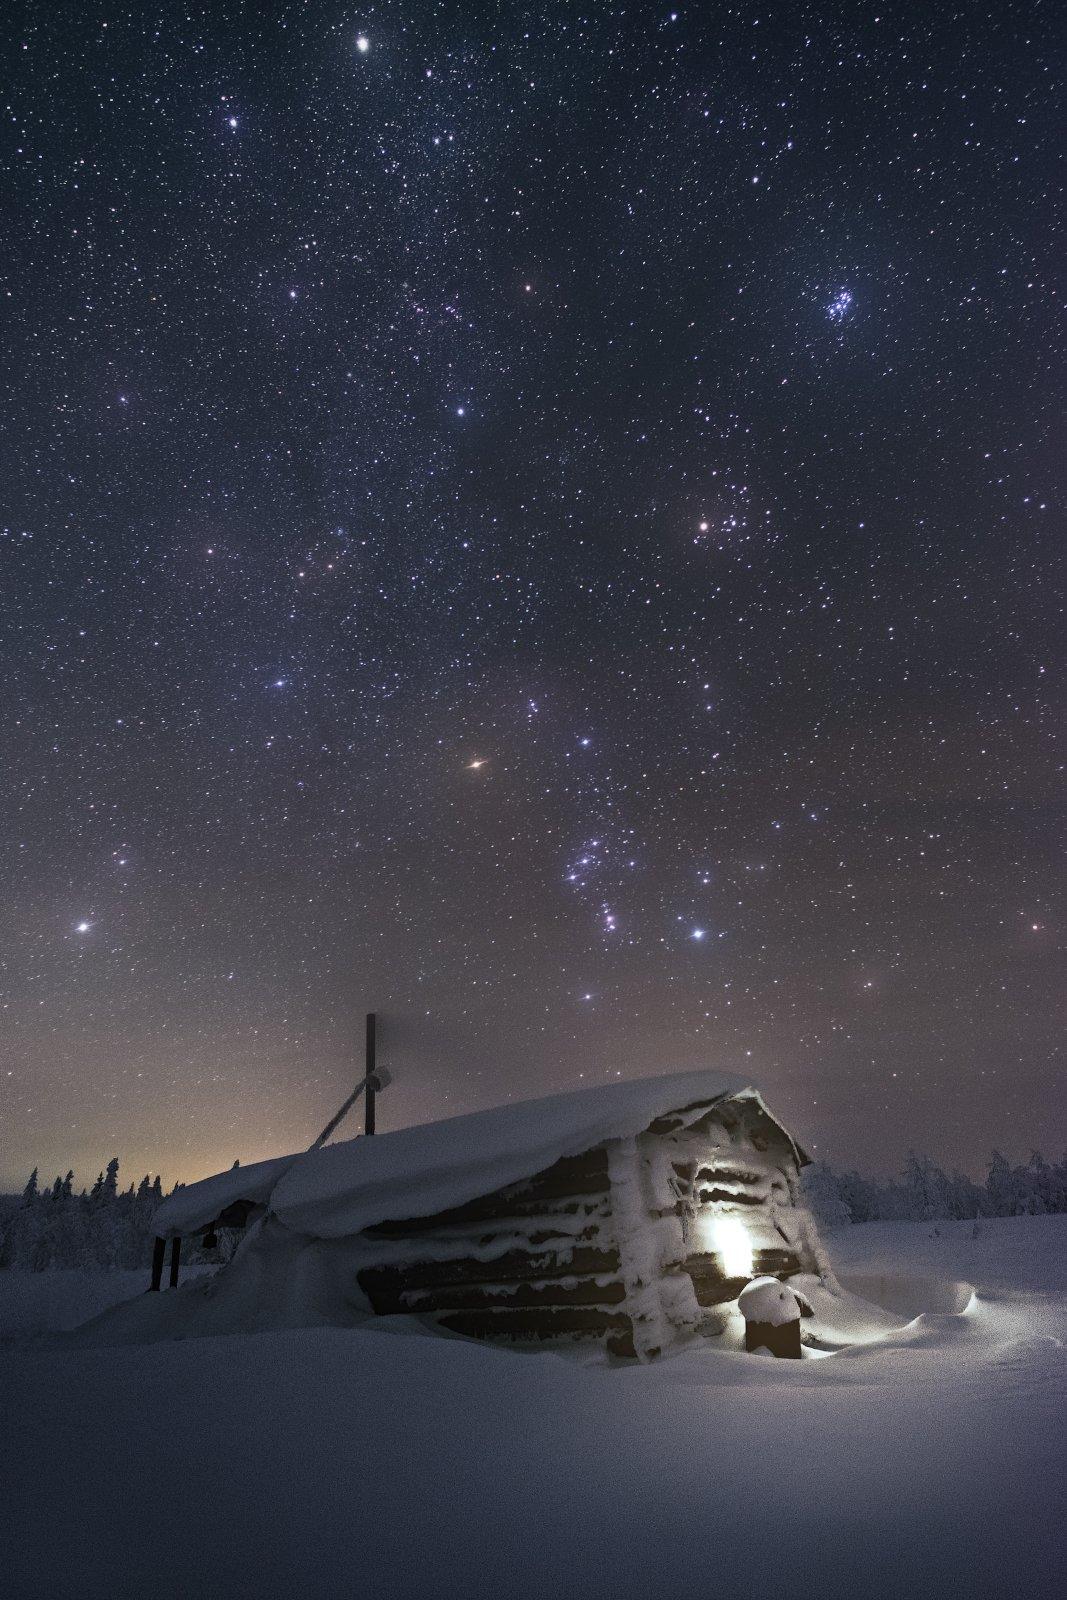 ночь, главный уральский хребет, гух, зима, урал, северный урал, астро, большая медведица, Желтов Глеб